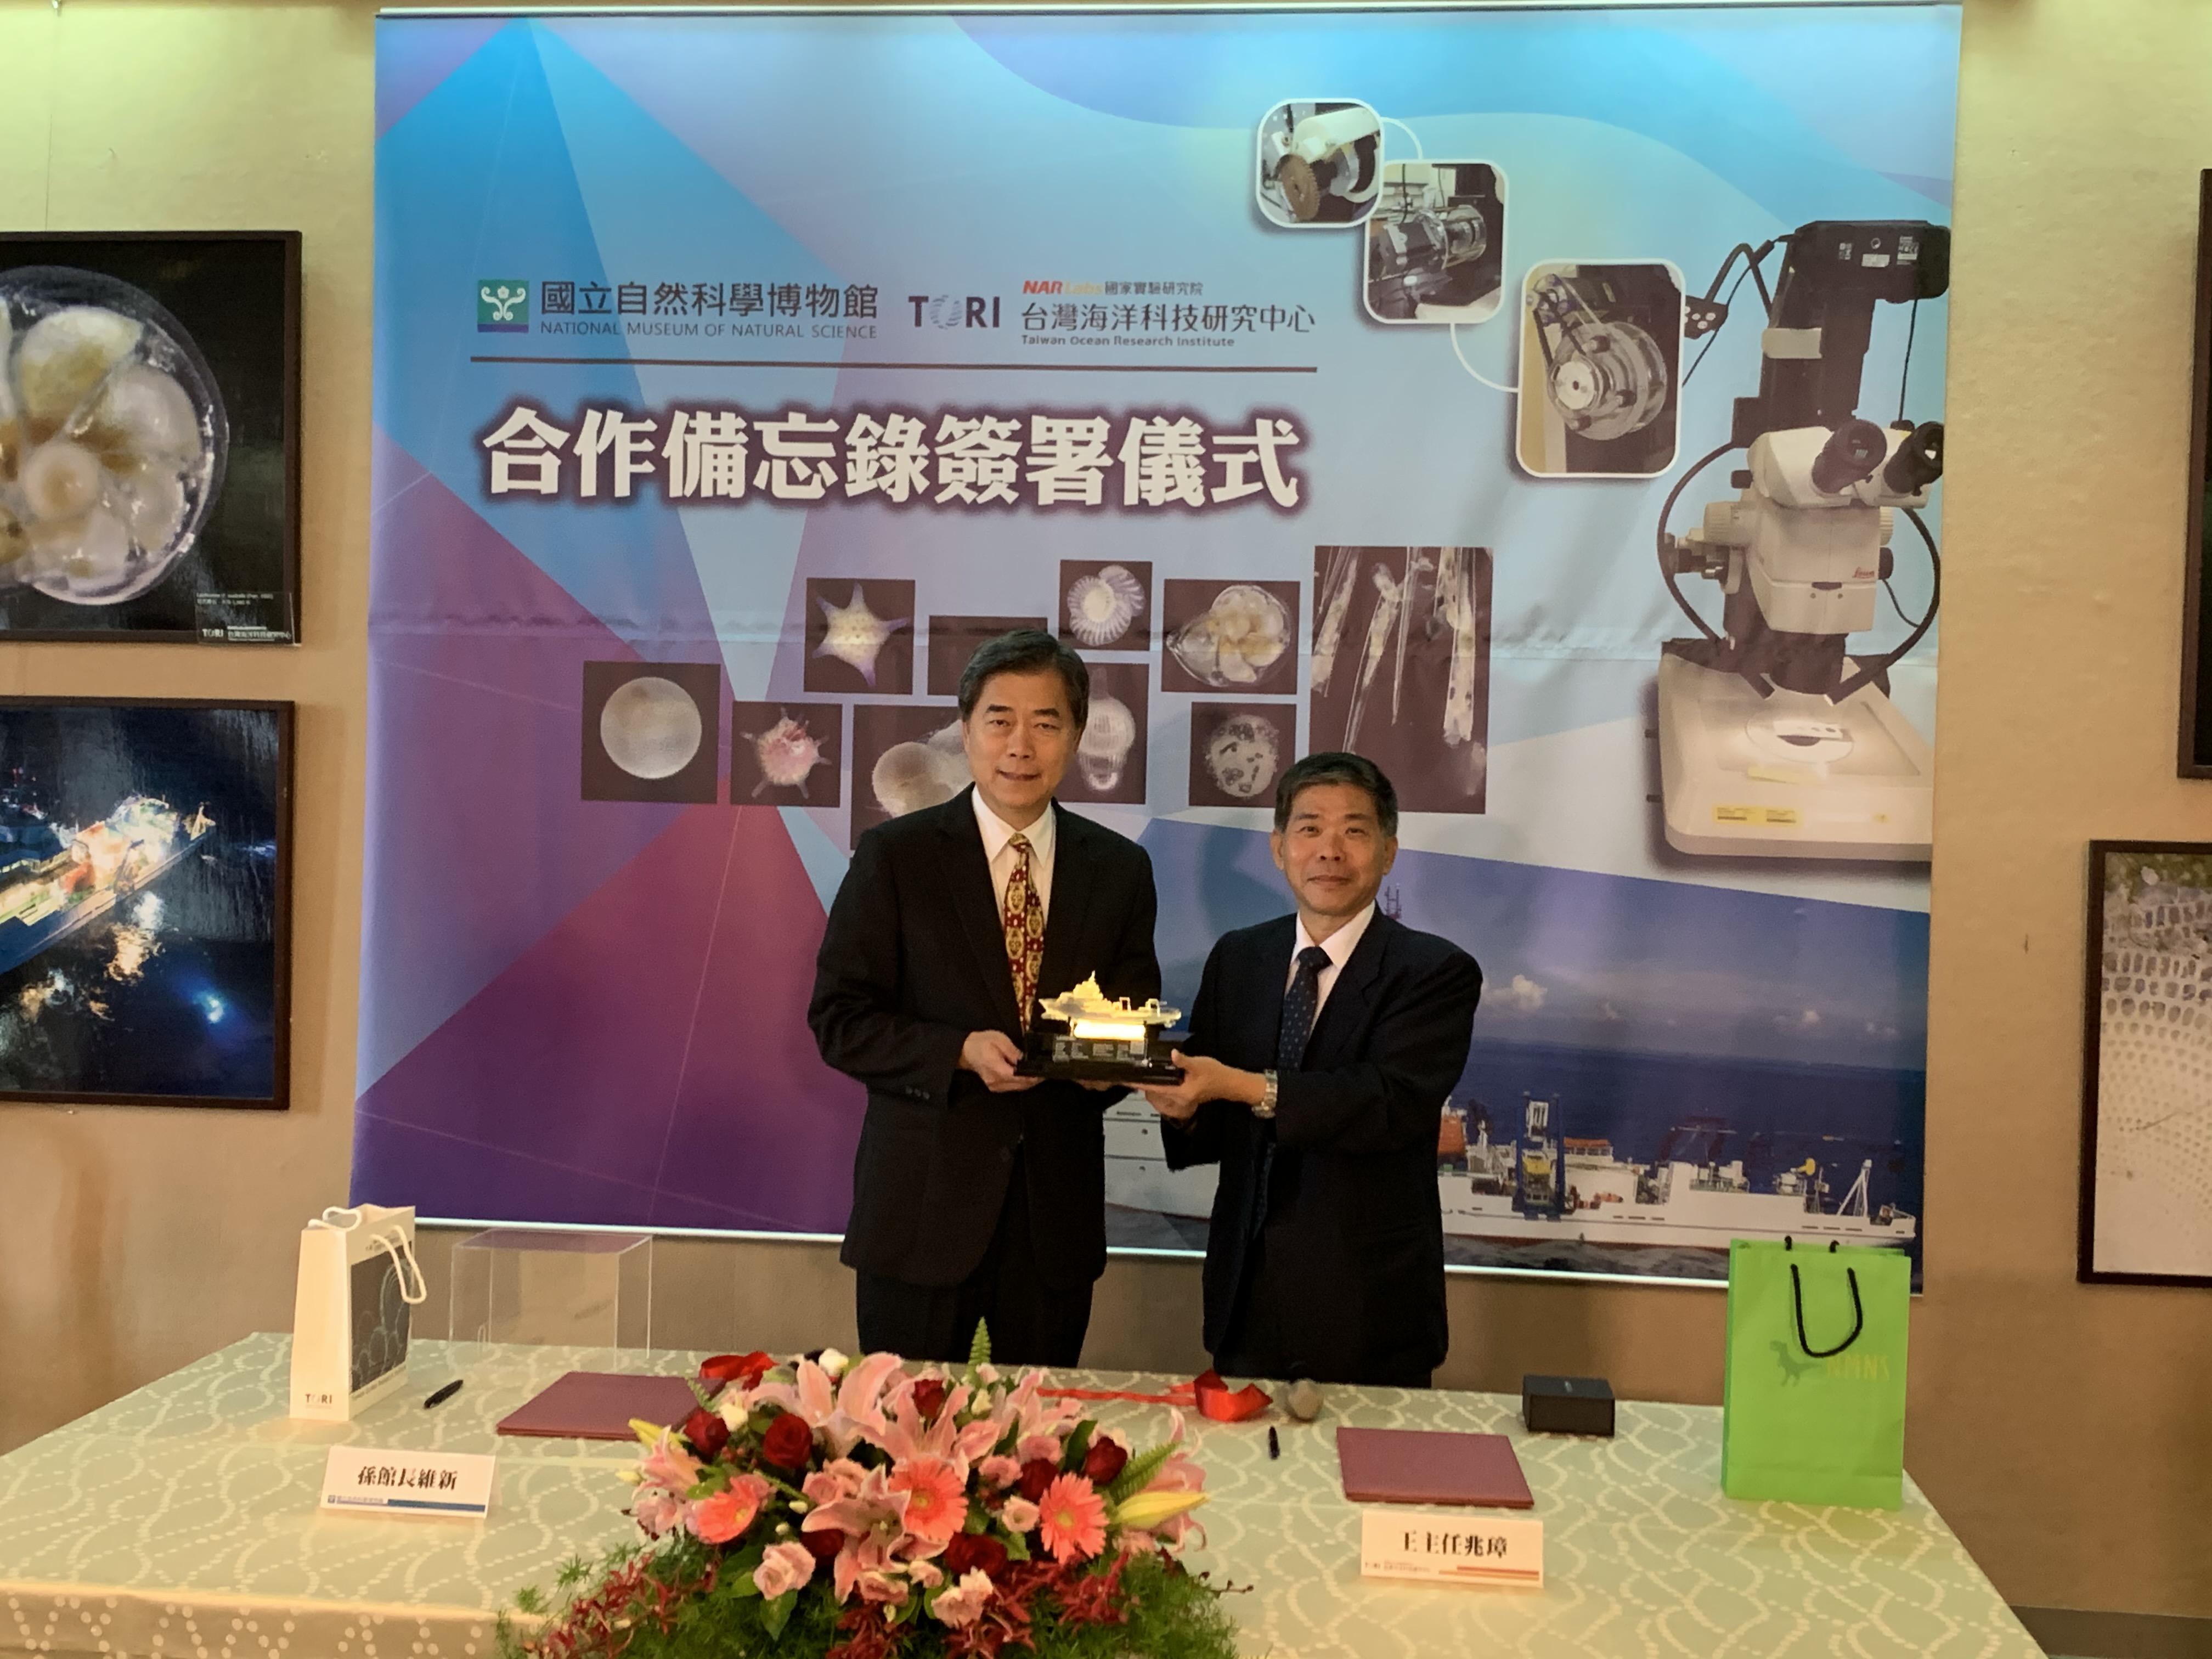 國研院海洋中心王兆璋主任(右)贈送勵進研究船模型給科博館孫維新館長(左)